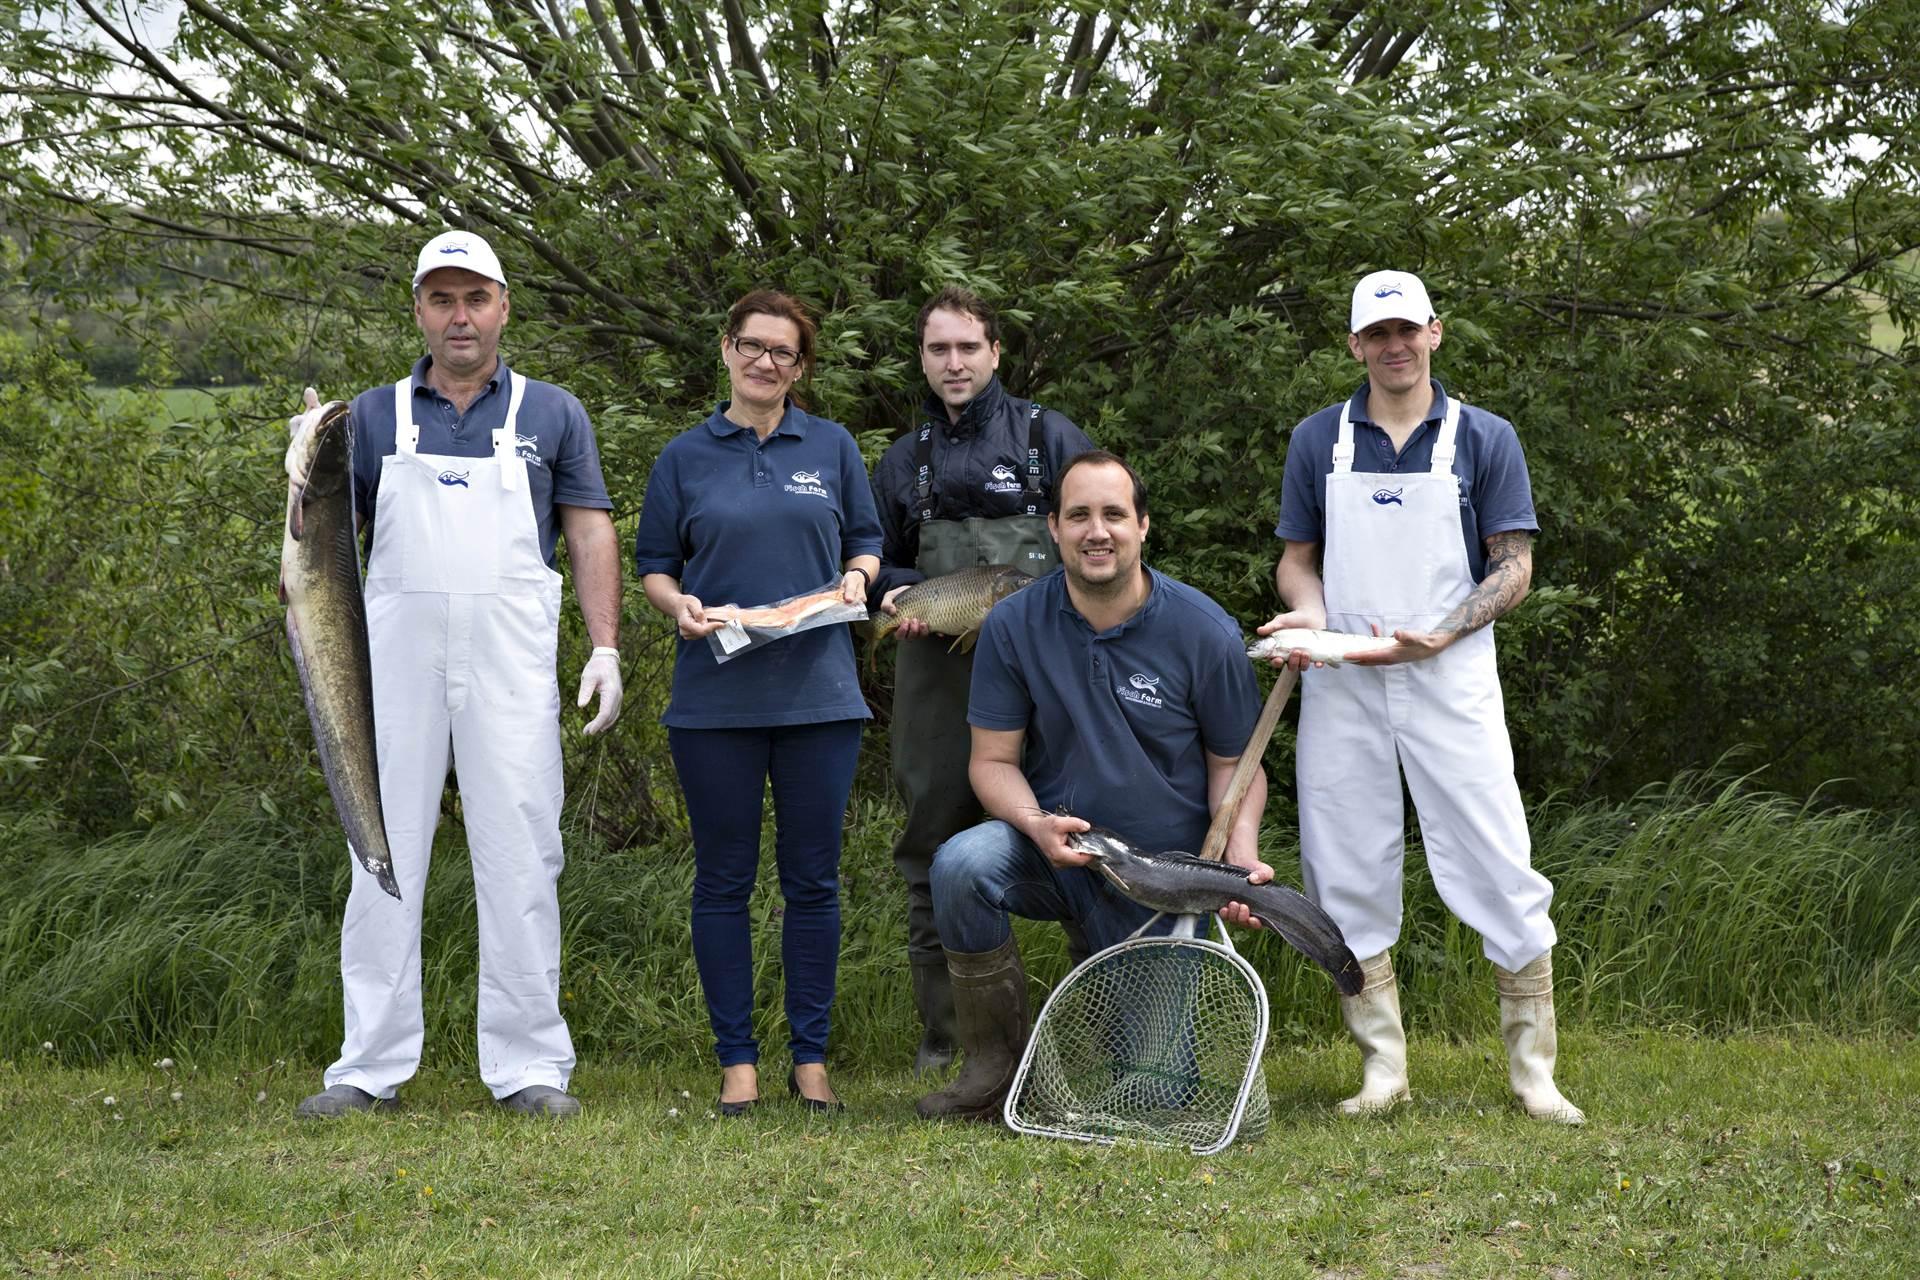 Fischfarm Sigleß - Gruppenfoto mit gefangenen Fischen